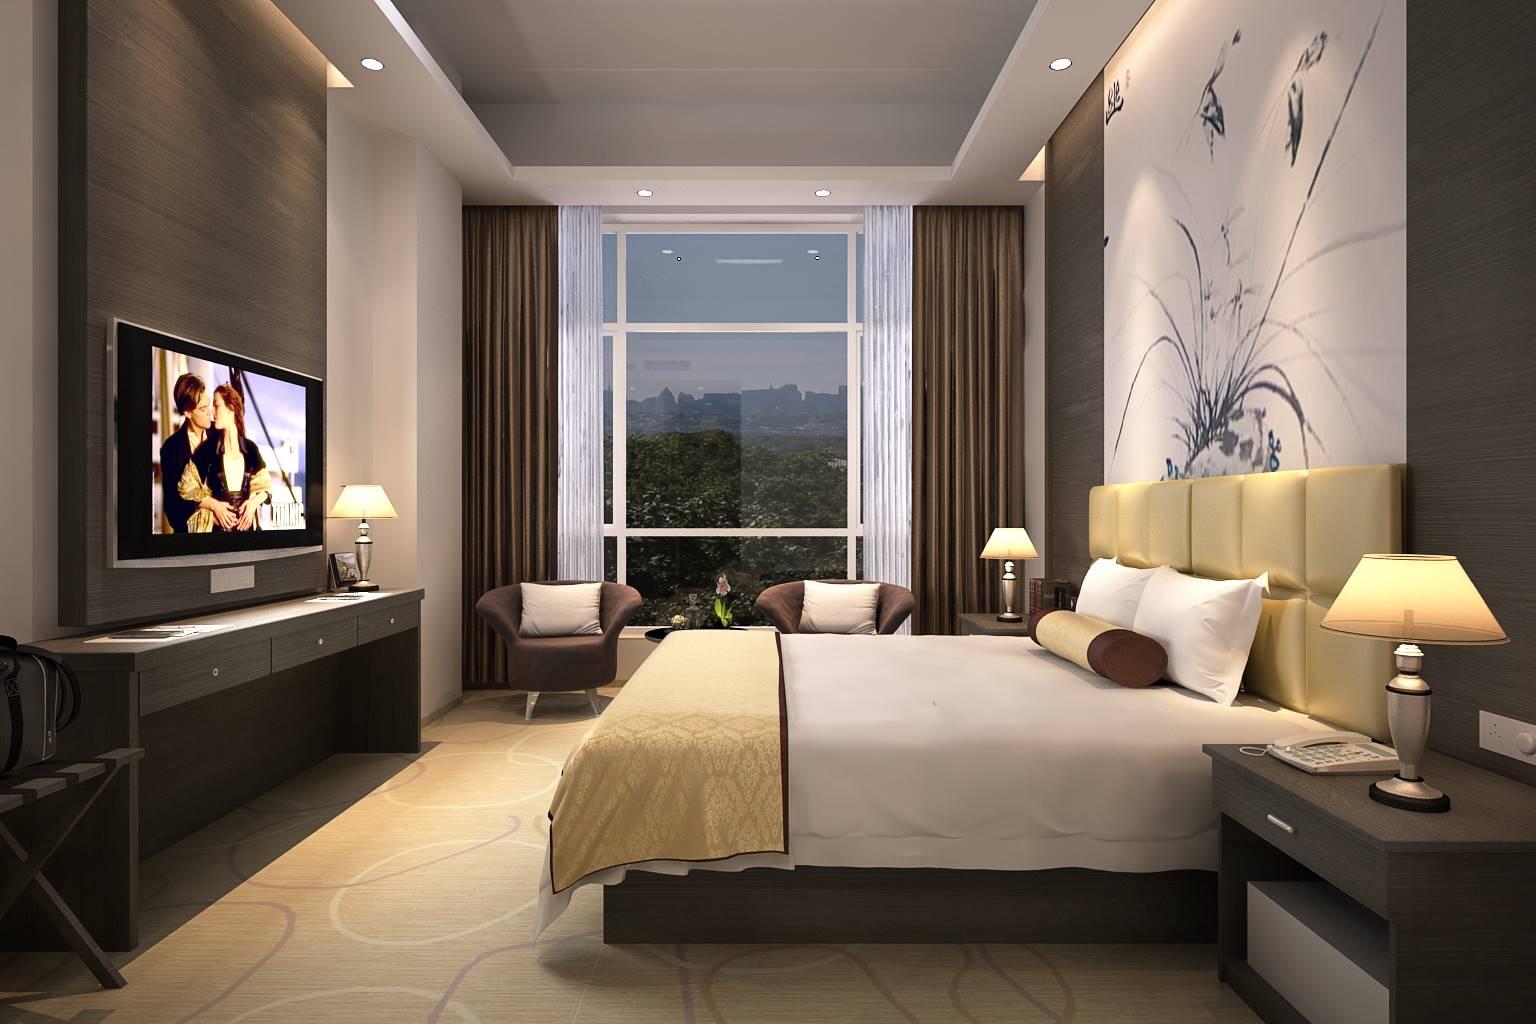 宾馆旅馆酒店设计效果图设计制作表现